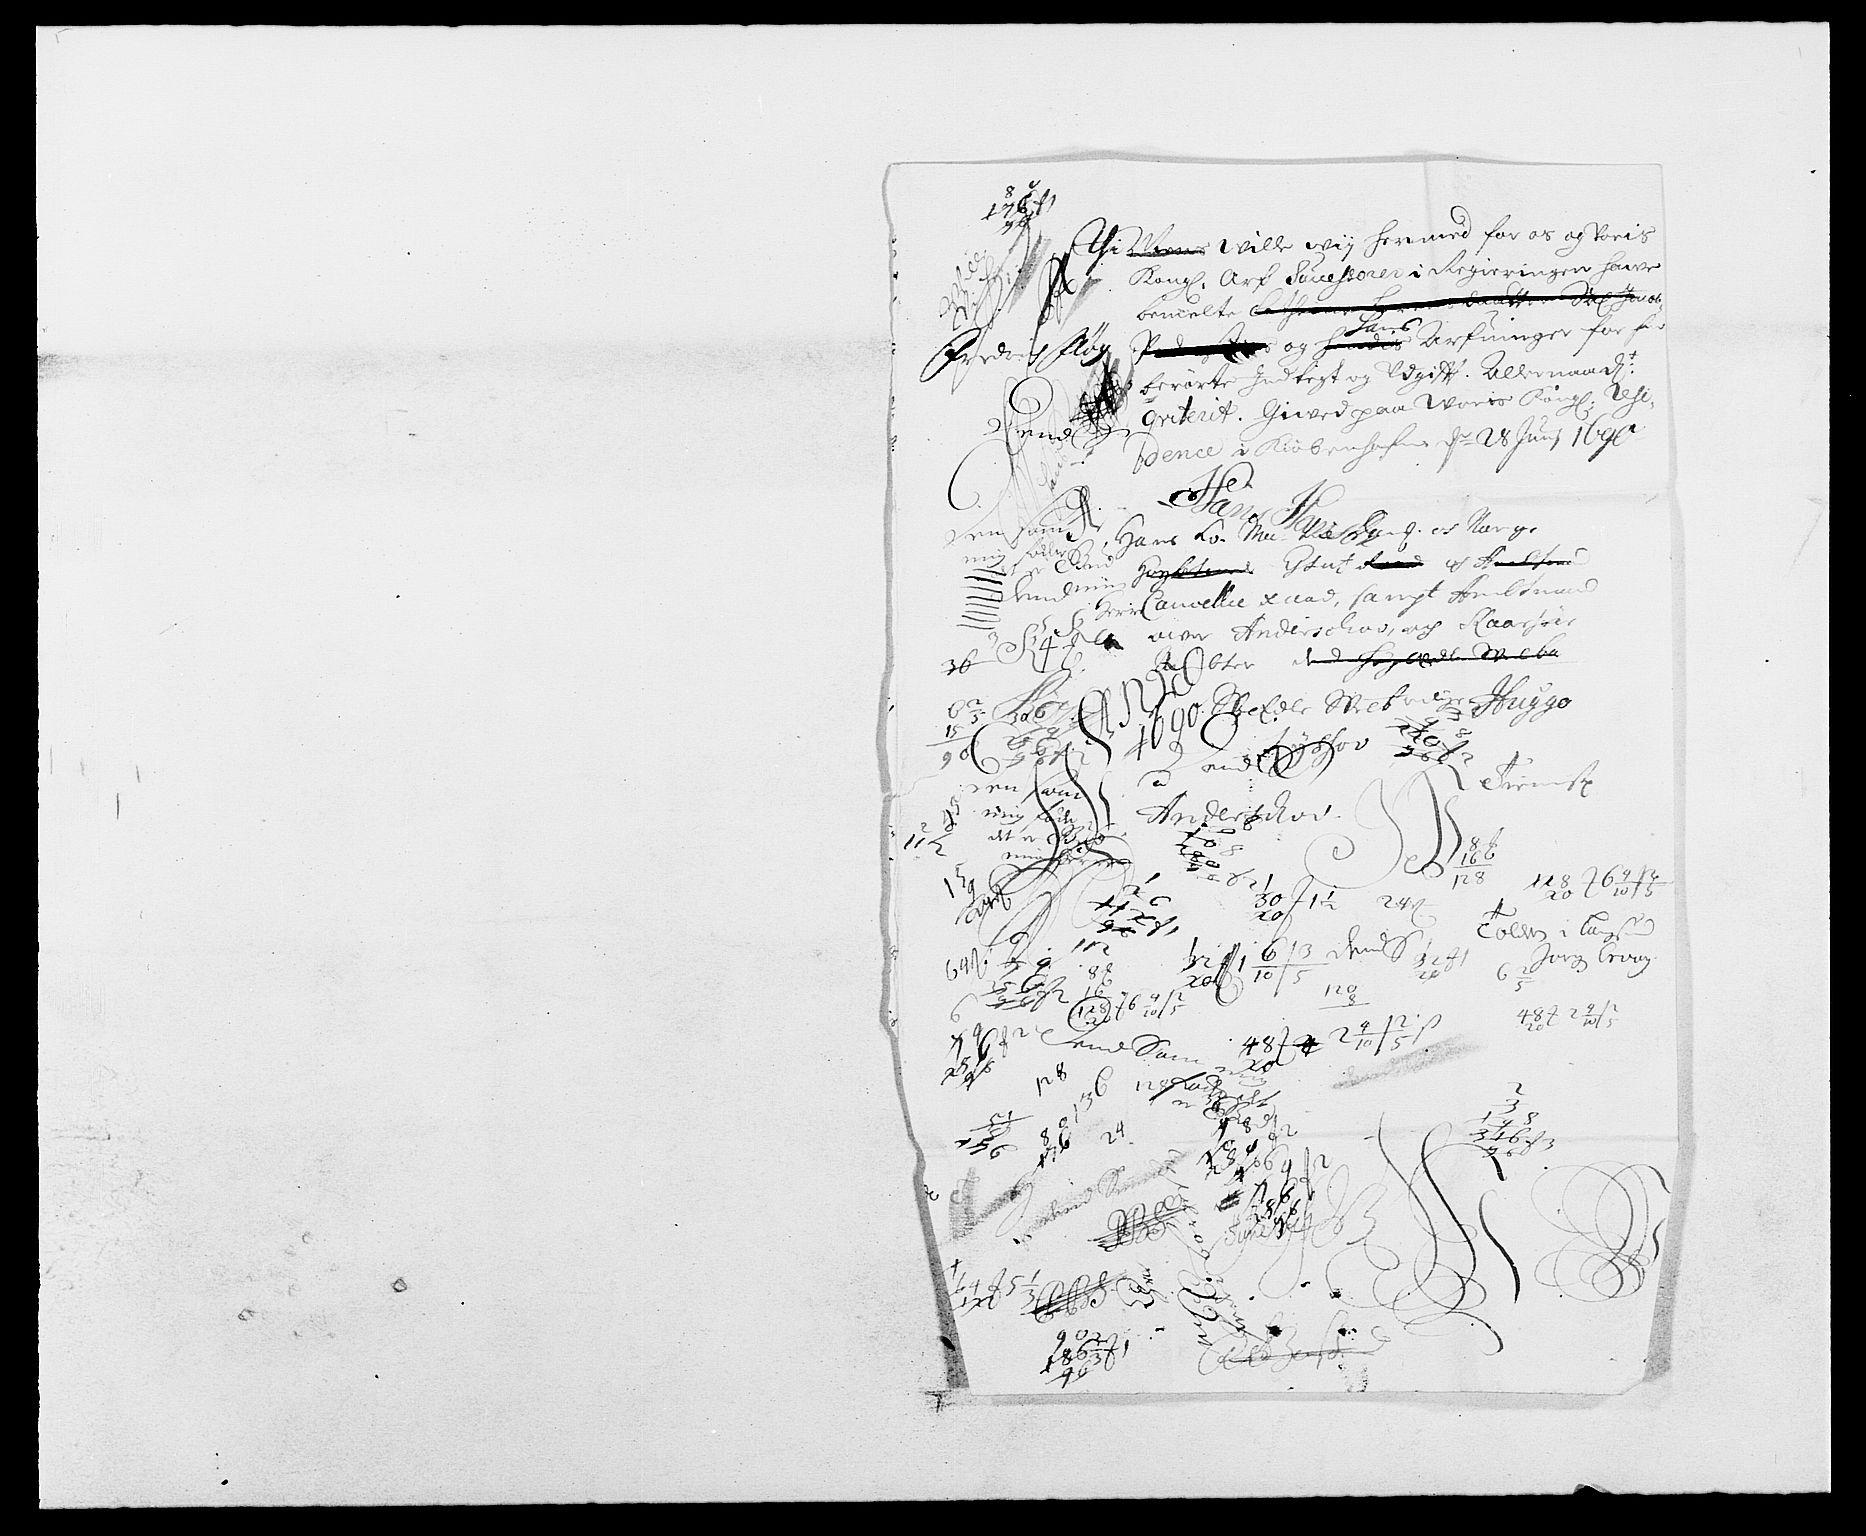 RA, Rentekammeret inntil 1814, Reviderte regnskaper, Fogderegnskap, R13/L0822: Fogderegnskap Solør, Odal og Østerdal, 1685, s. 209